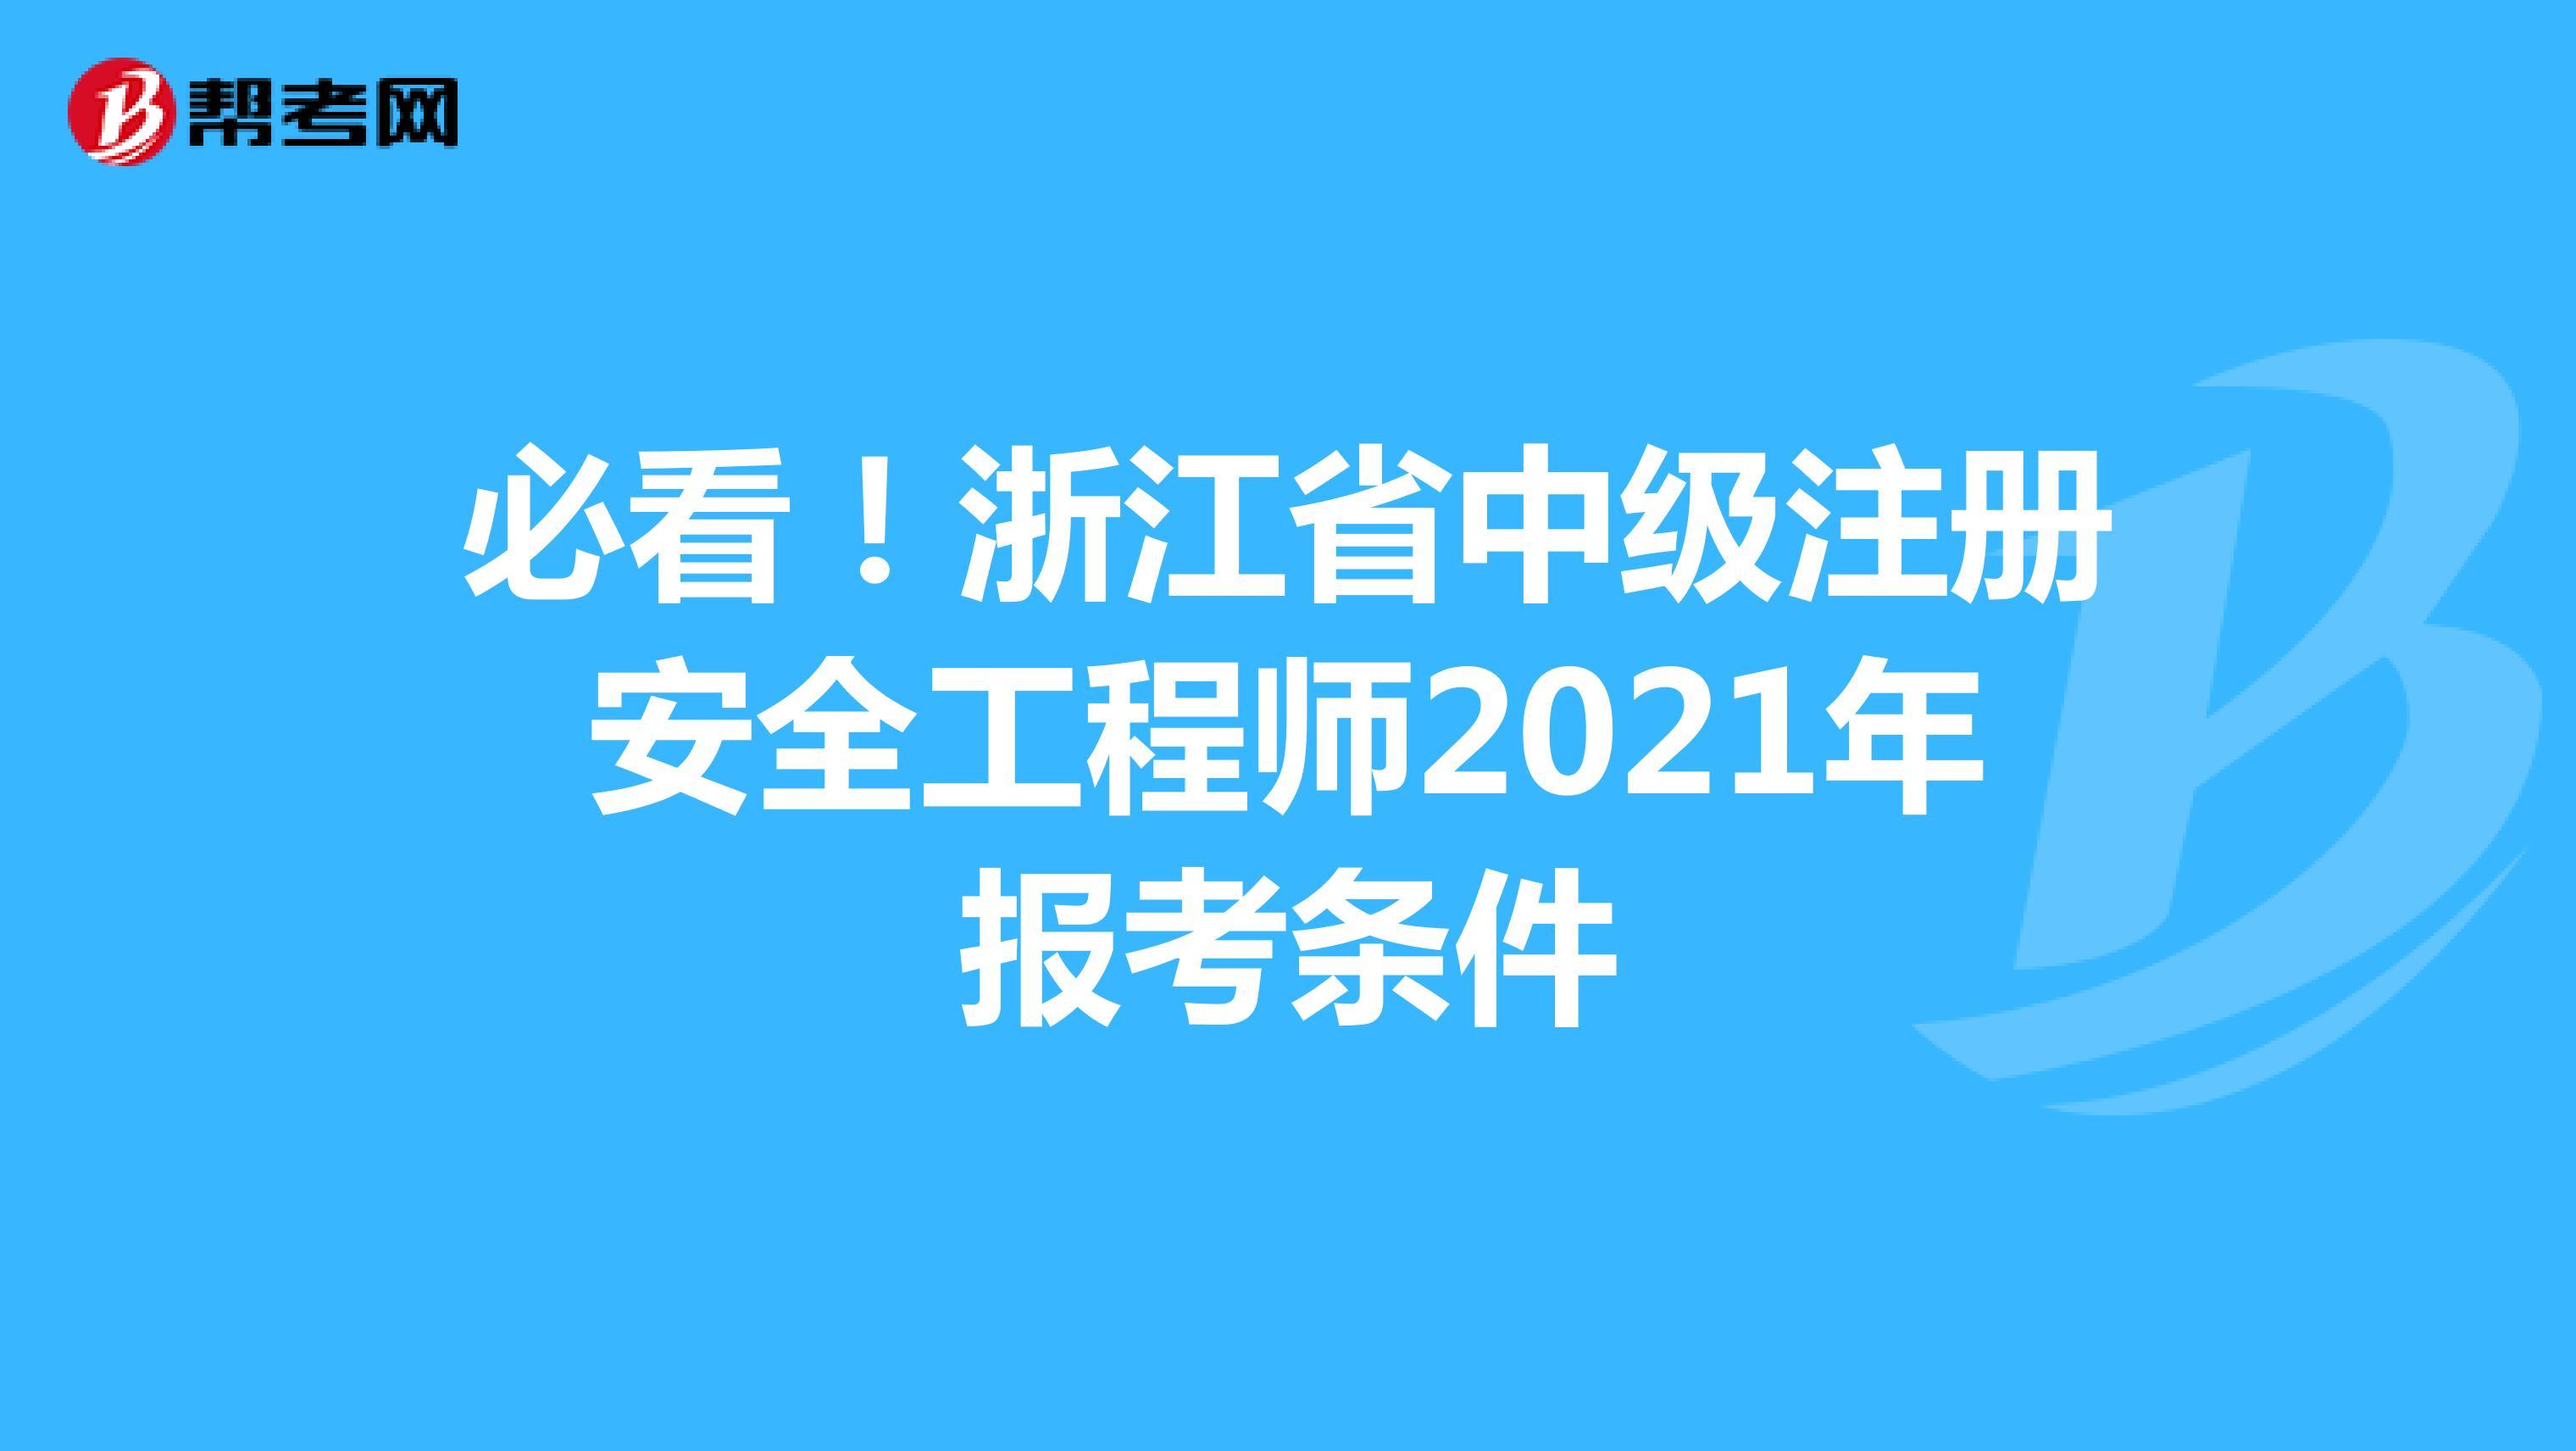 必看!浙江省中级注册安全工程师2021年报考条件